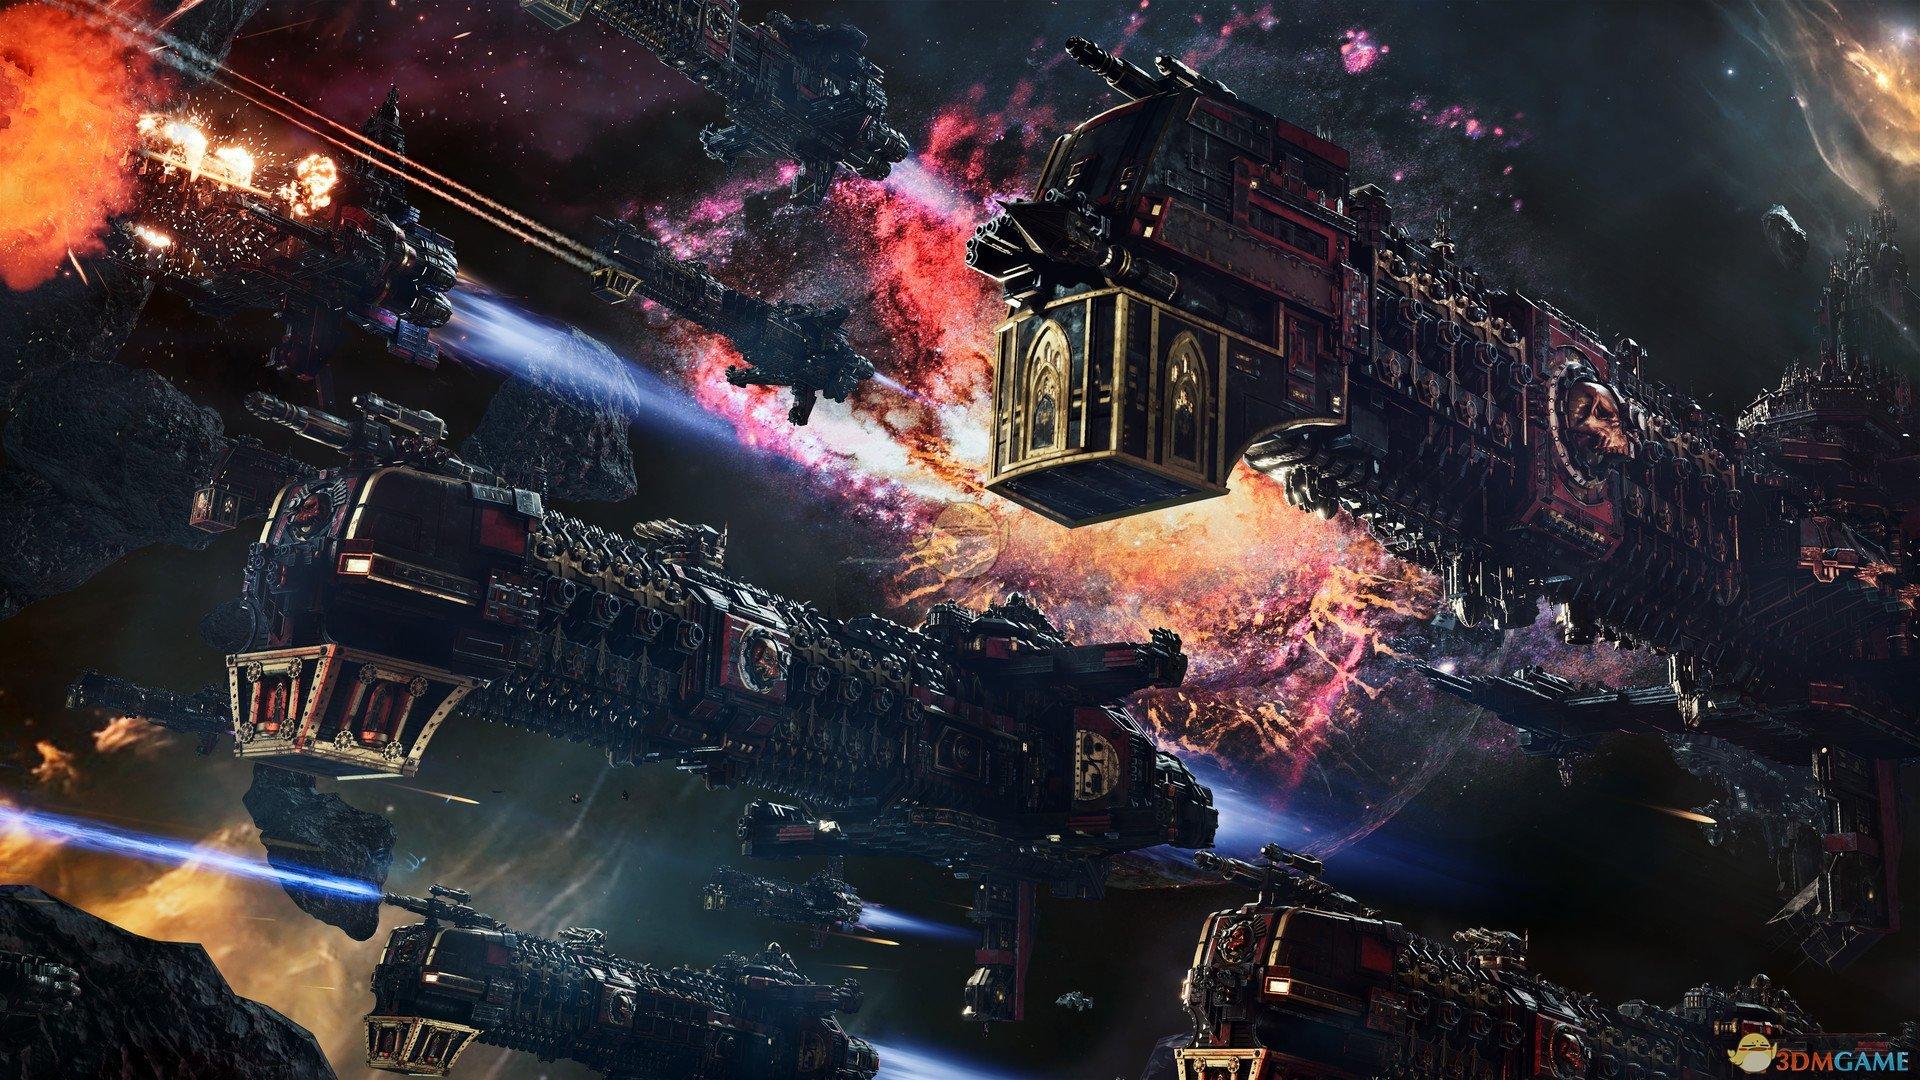 《哥特舰队:阿玛达2》对战刷经验心得